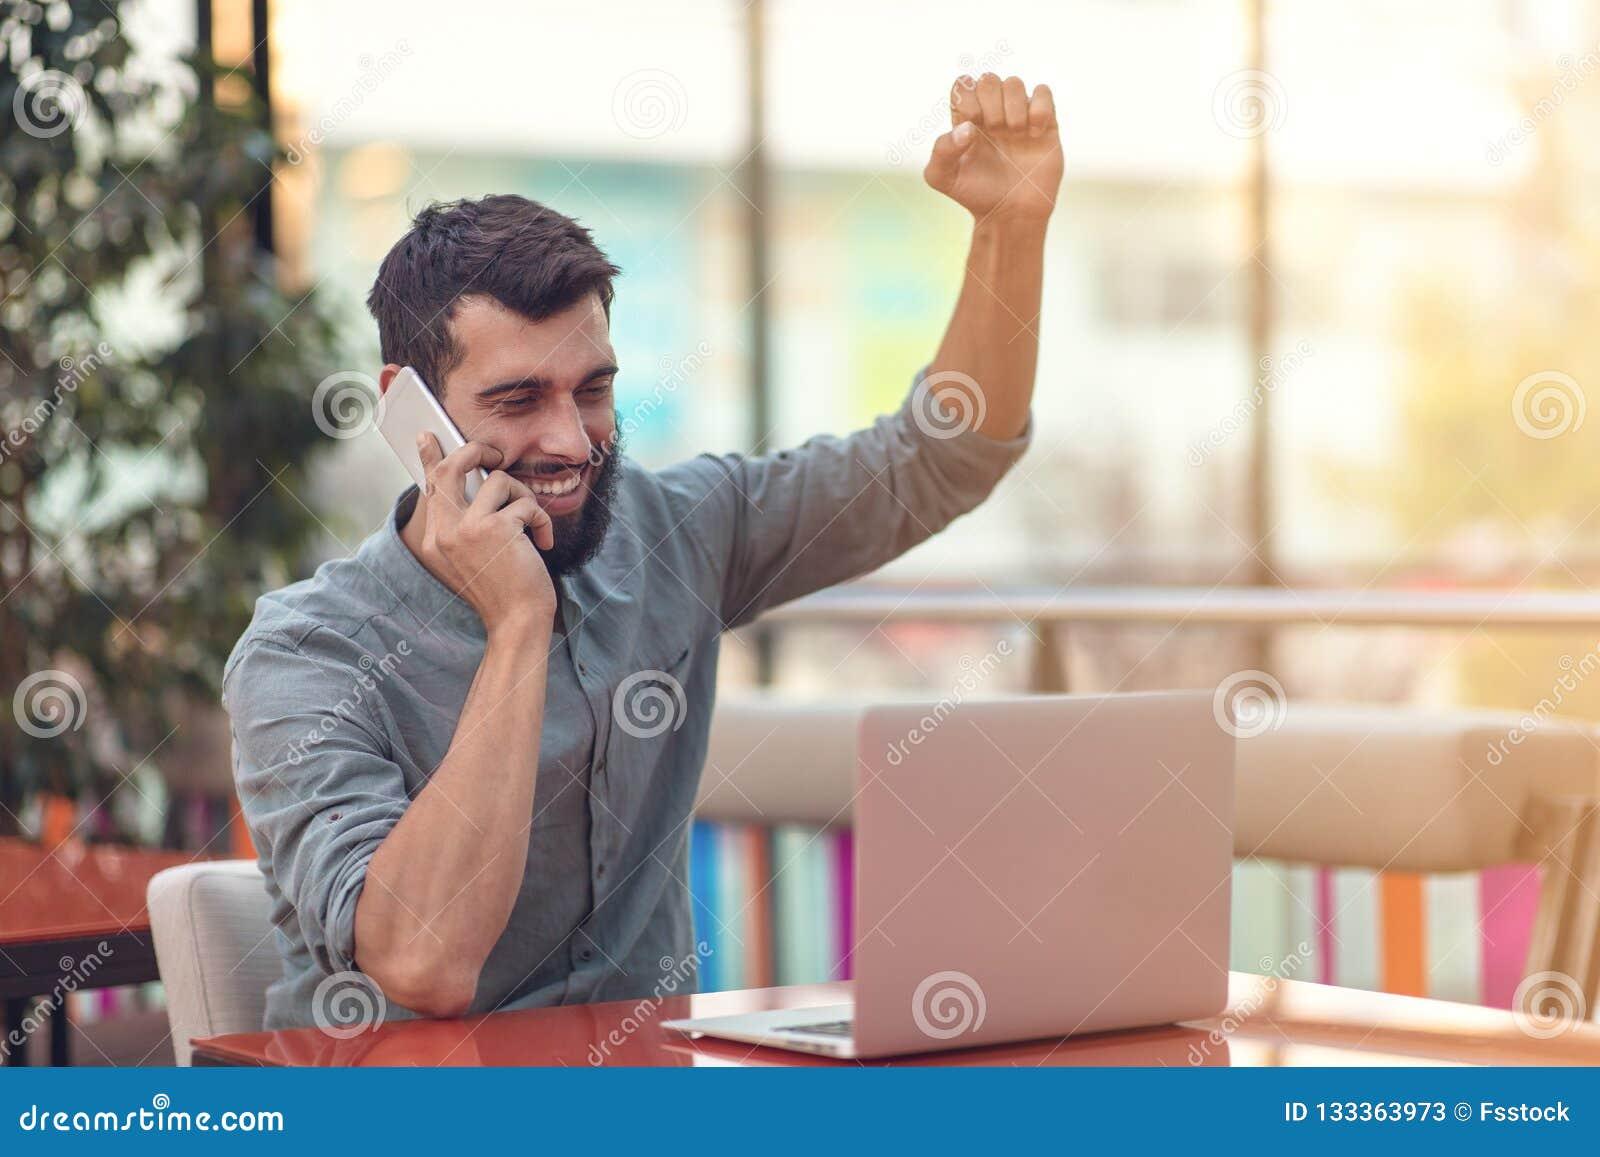 Z podnieceniem szczęśliwego brodatego freelancer czytelniczy email z rezultatami o zwycięstwie w nowożytnym onlinym konkursu obsi